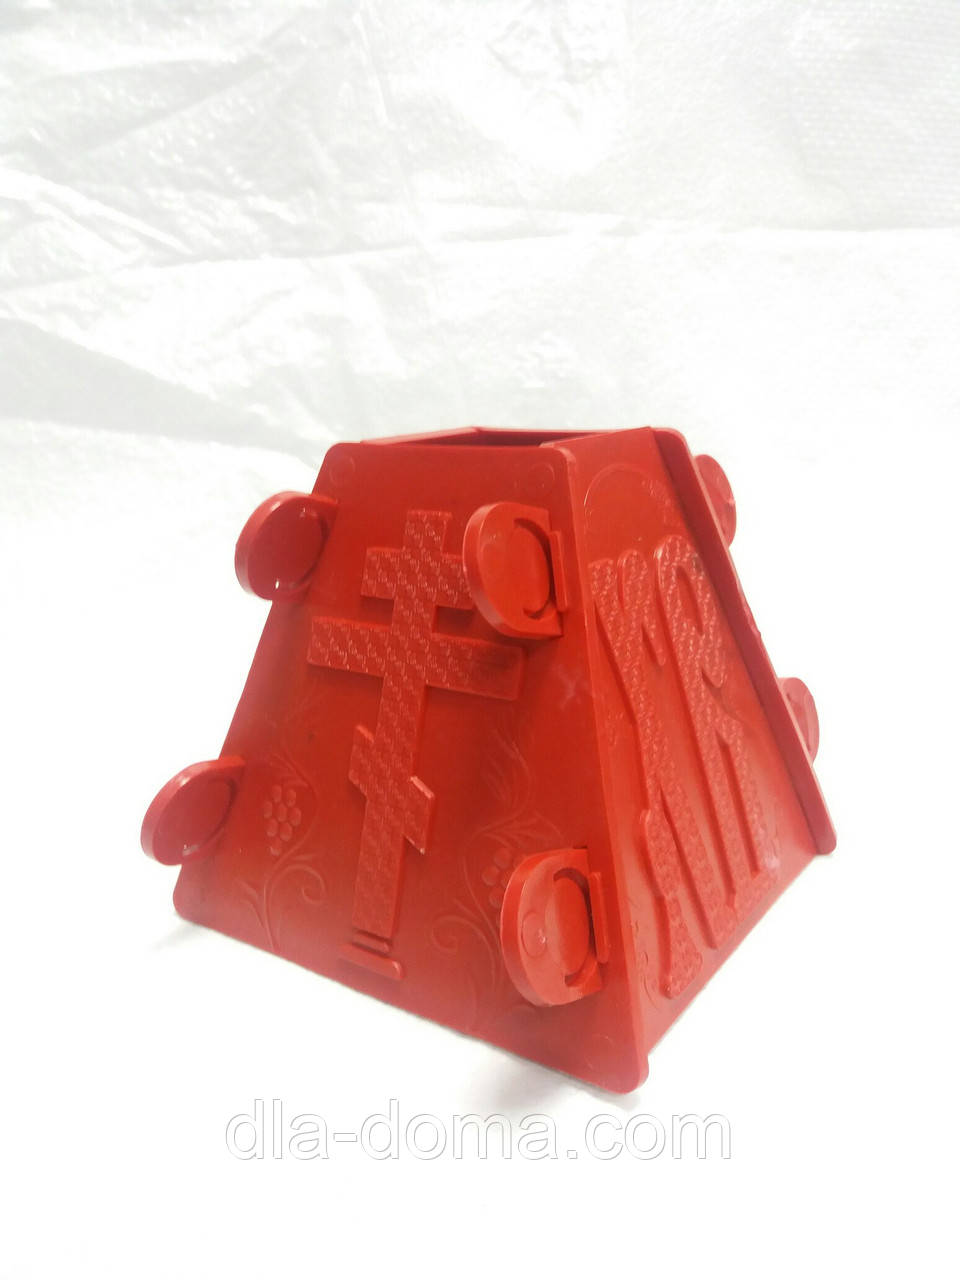 Форма для творожной пасхи пластиковая (средняя)